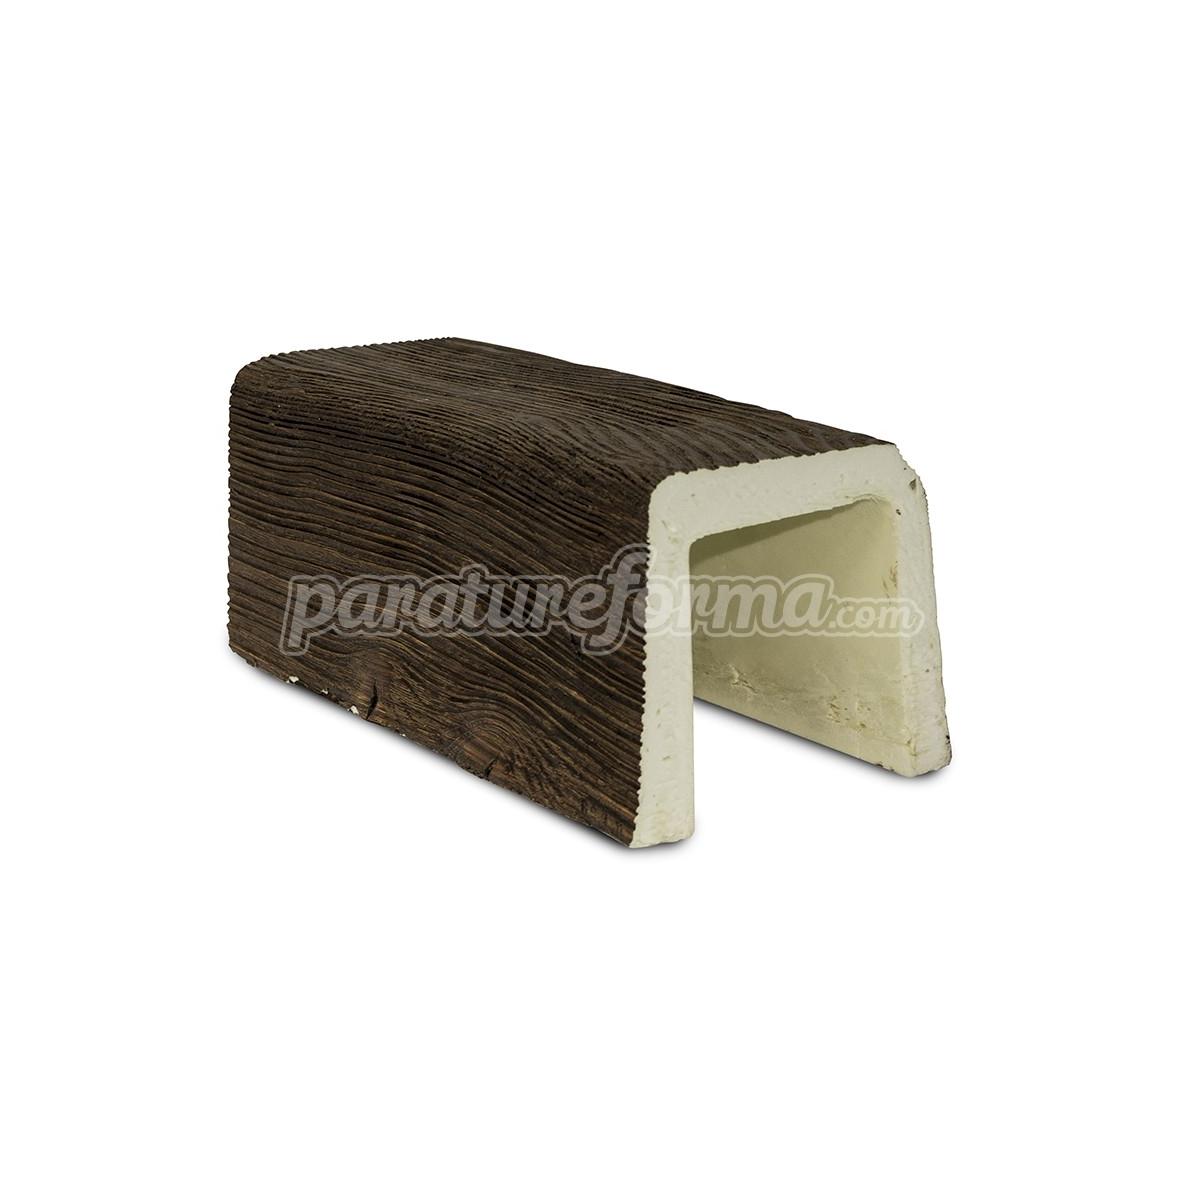 Viga 300x12x12 imitación madera Vigas imitación madera cuadradas